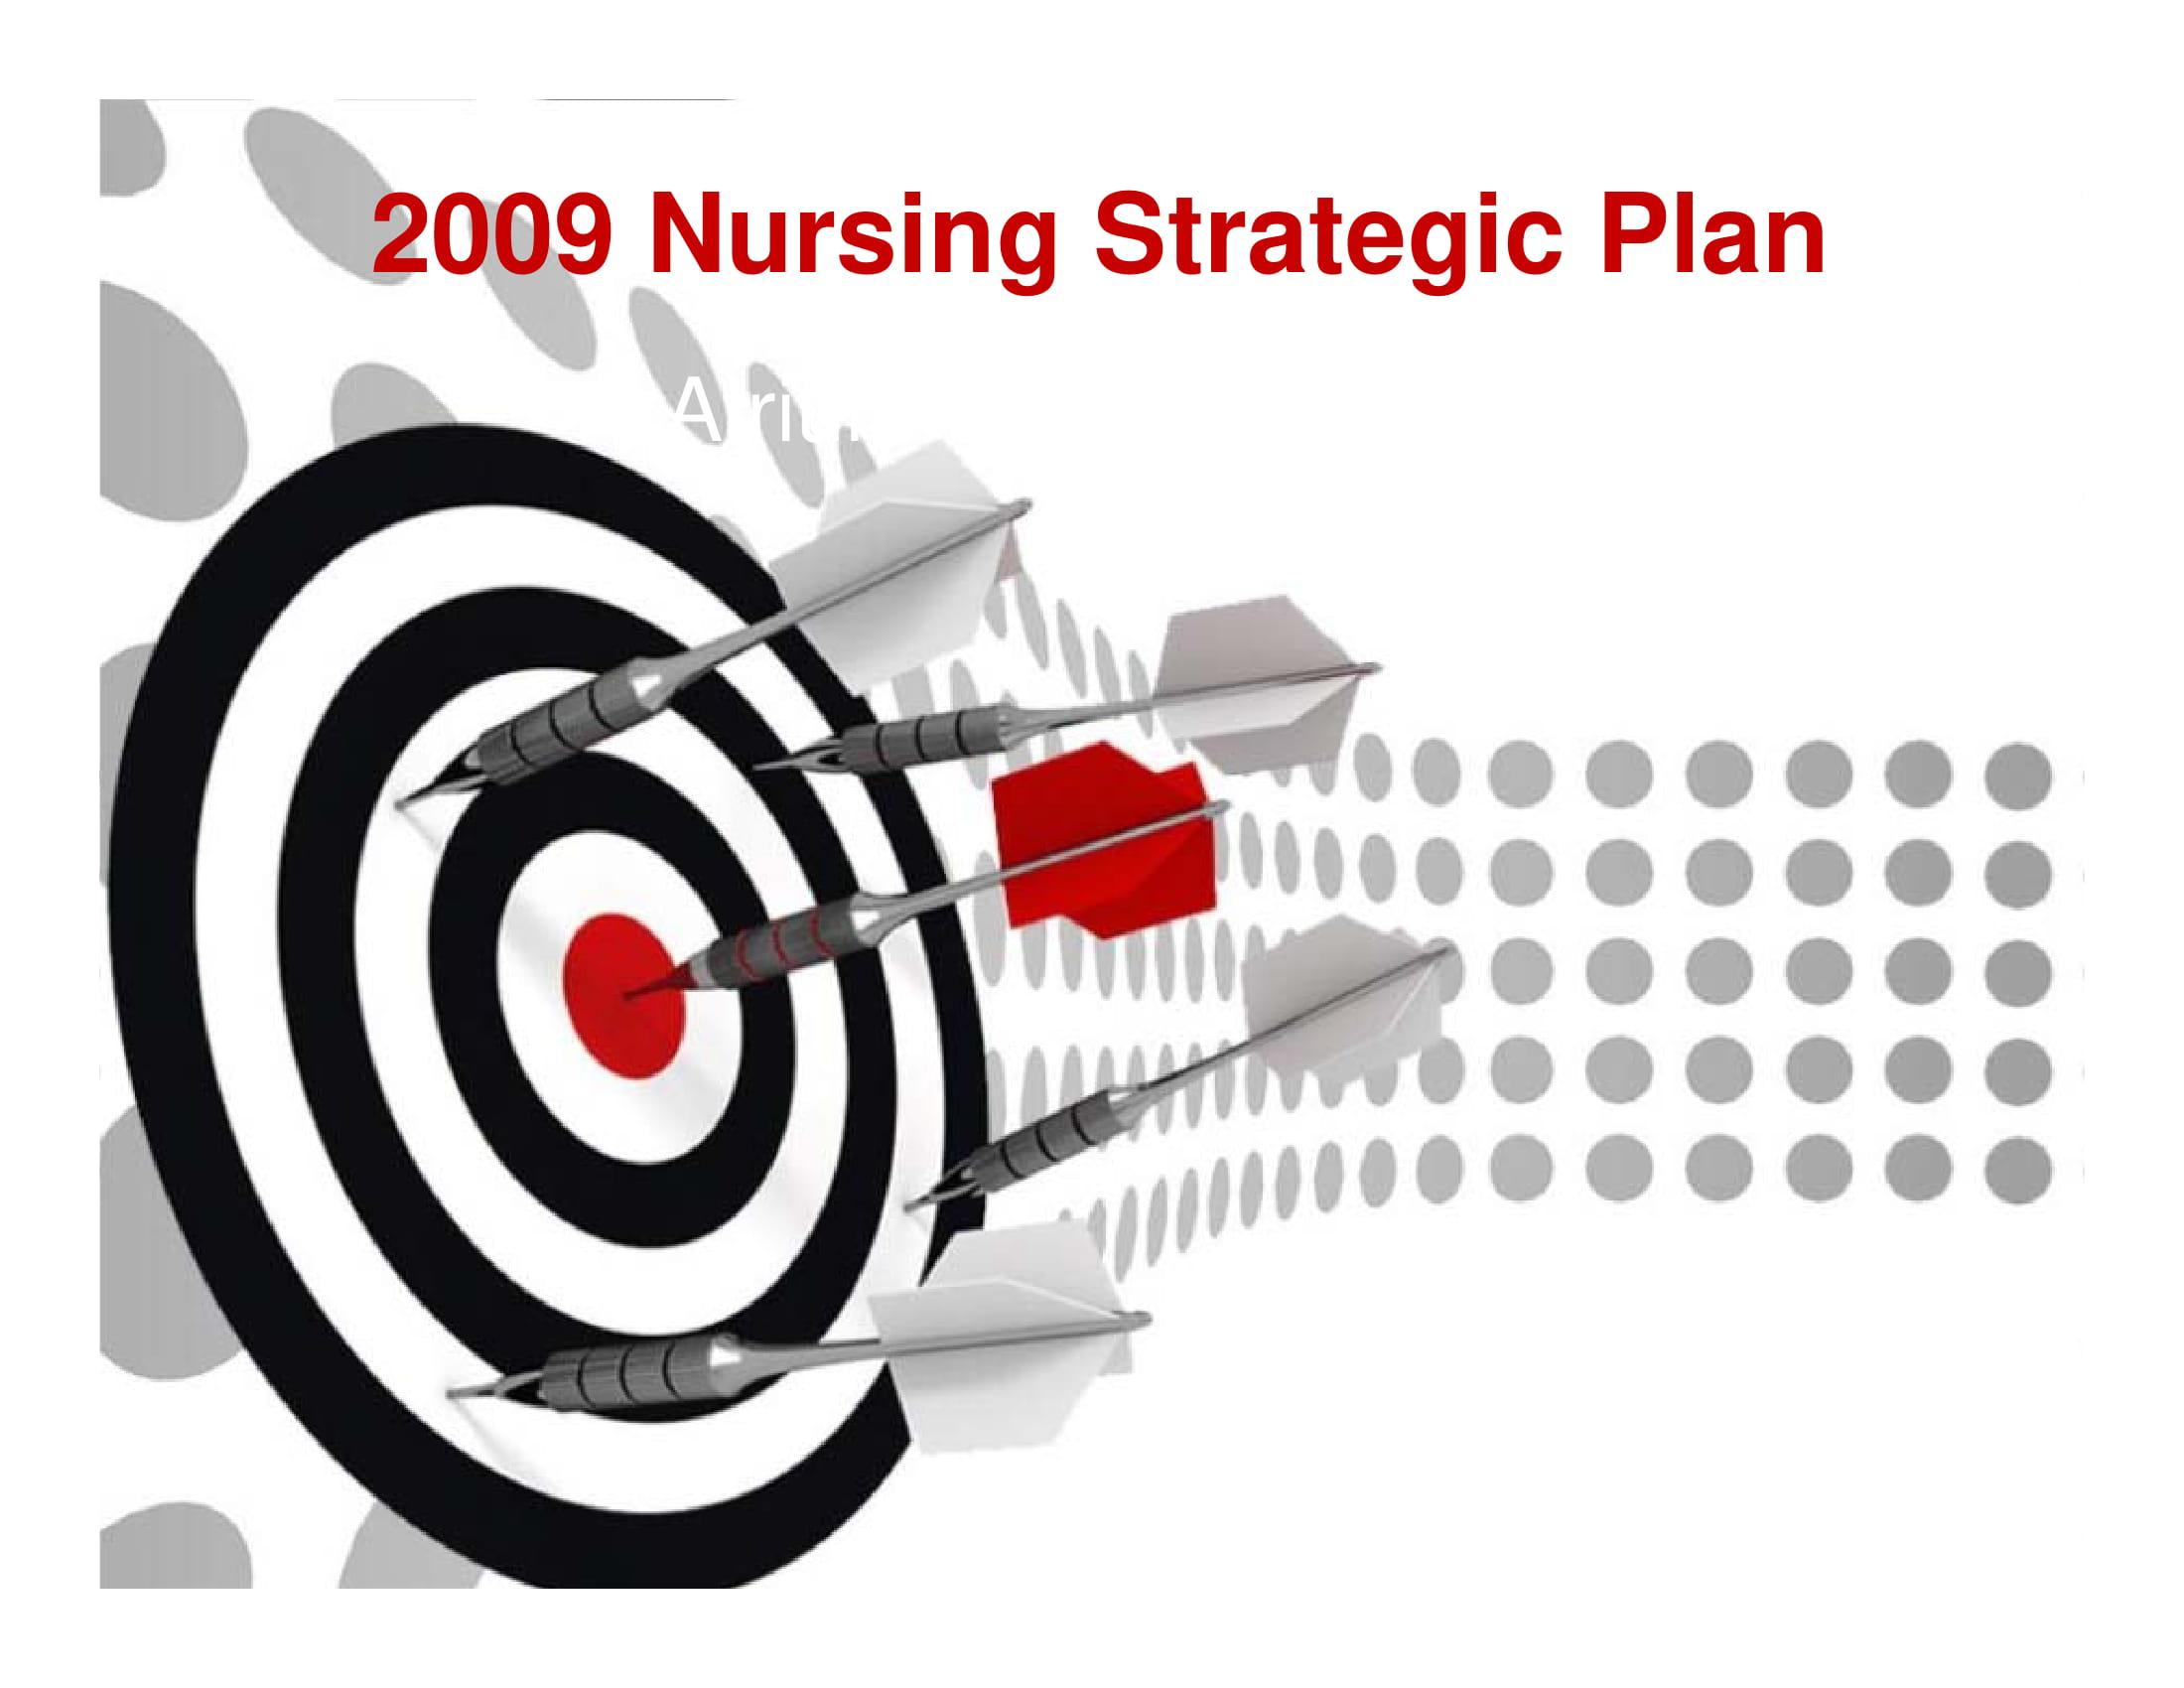 detailed nursing strategic plan example 01